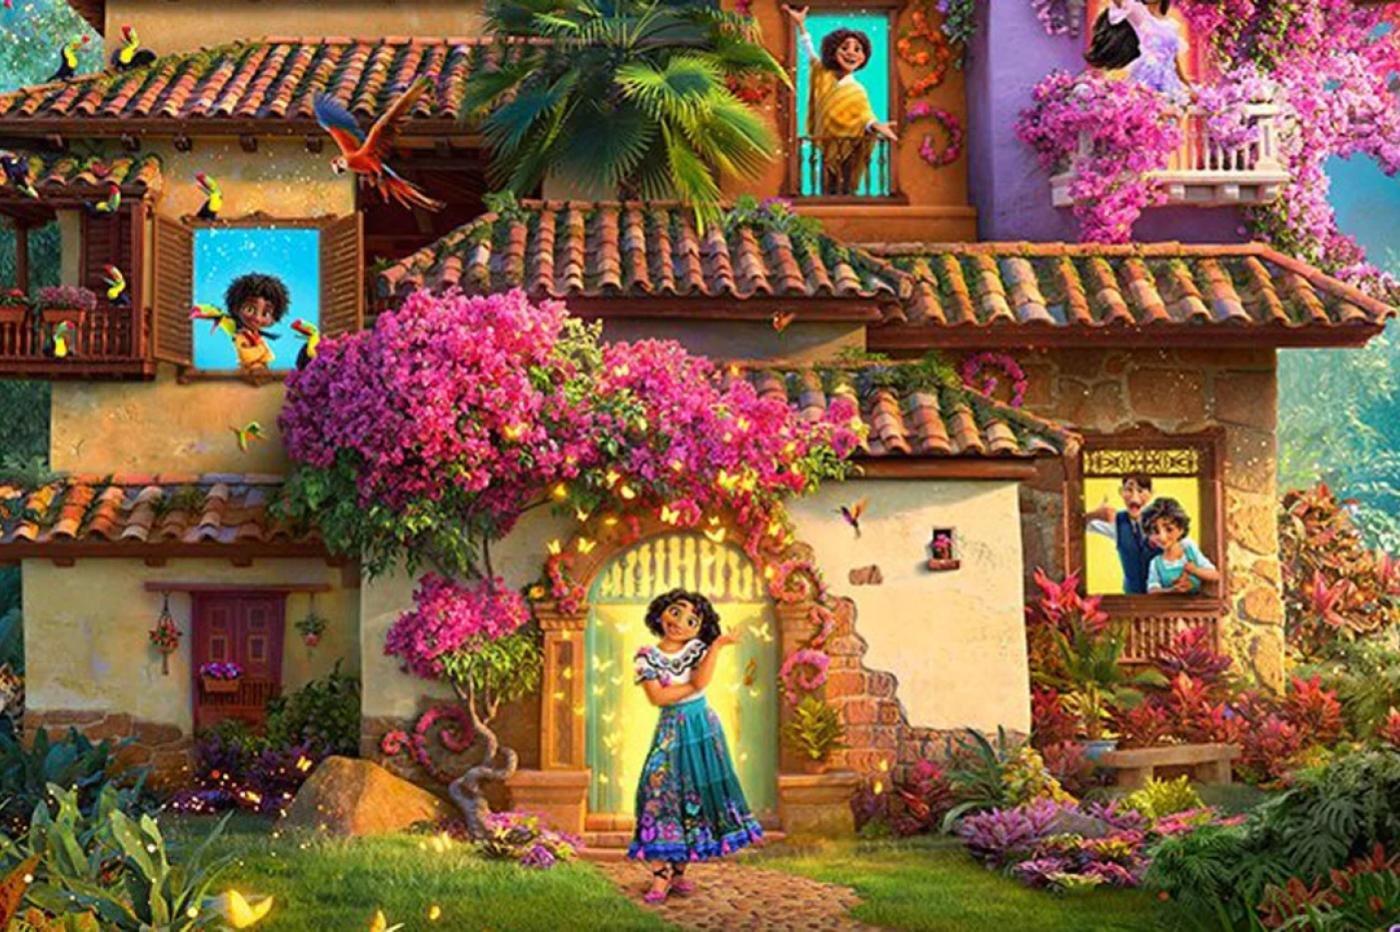 """Disney sigue llevándonos de viaje con su nueva película """"Encanto"""" de la que aquí está el tráiler."""